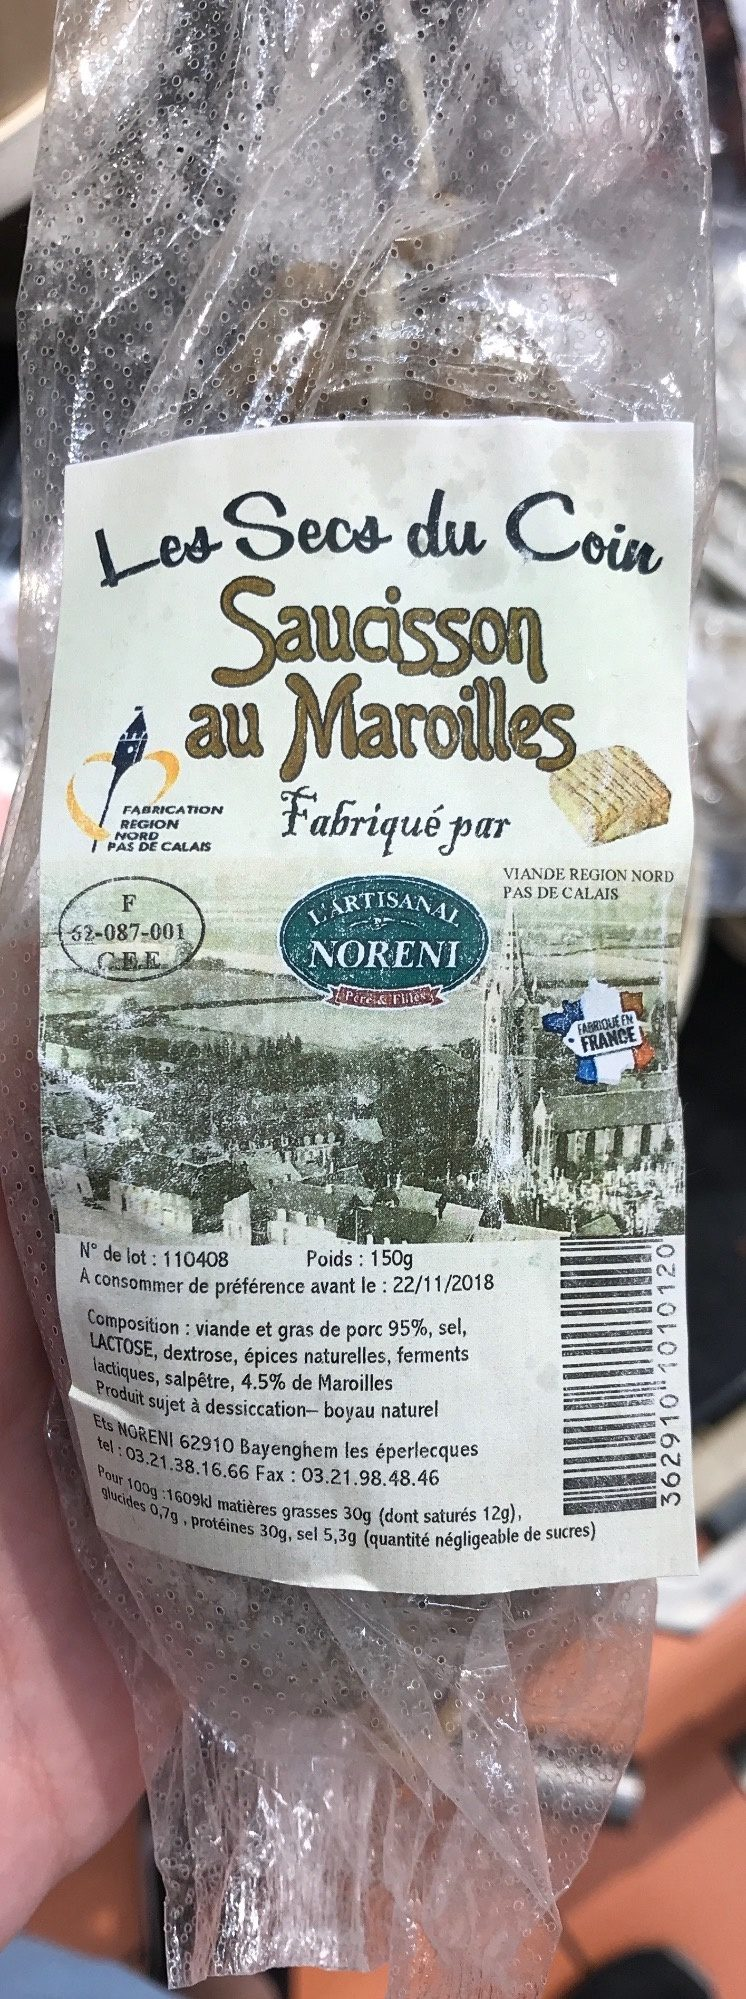 Les Secs Du Coin Saucisson Au Maroilles Lartisanal Noreni